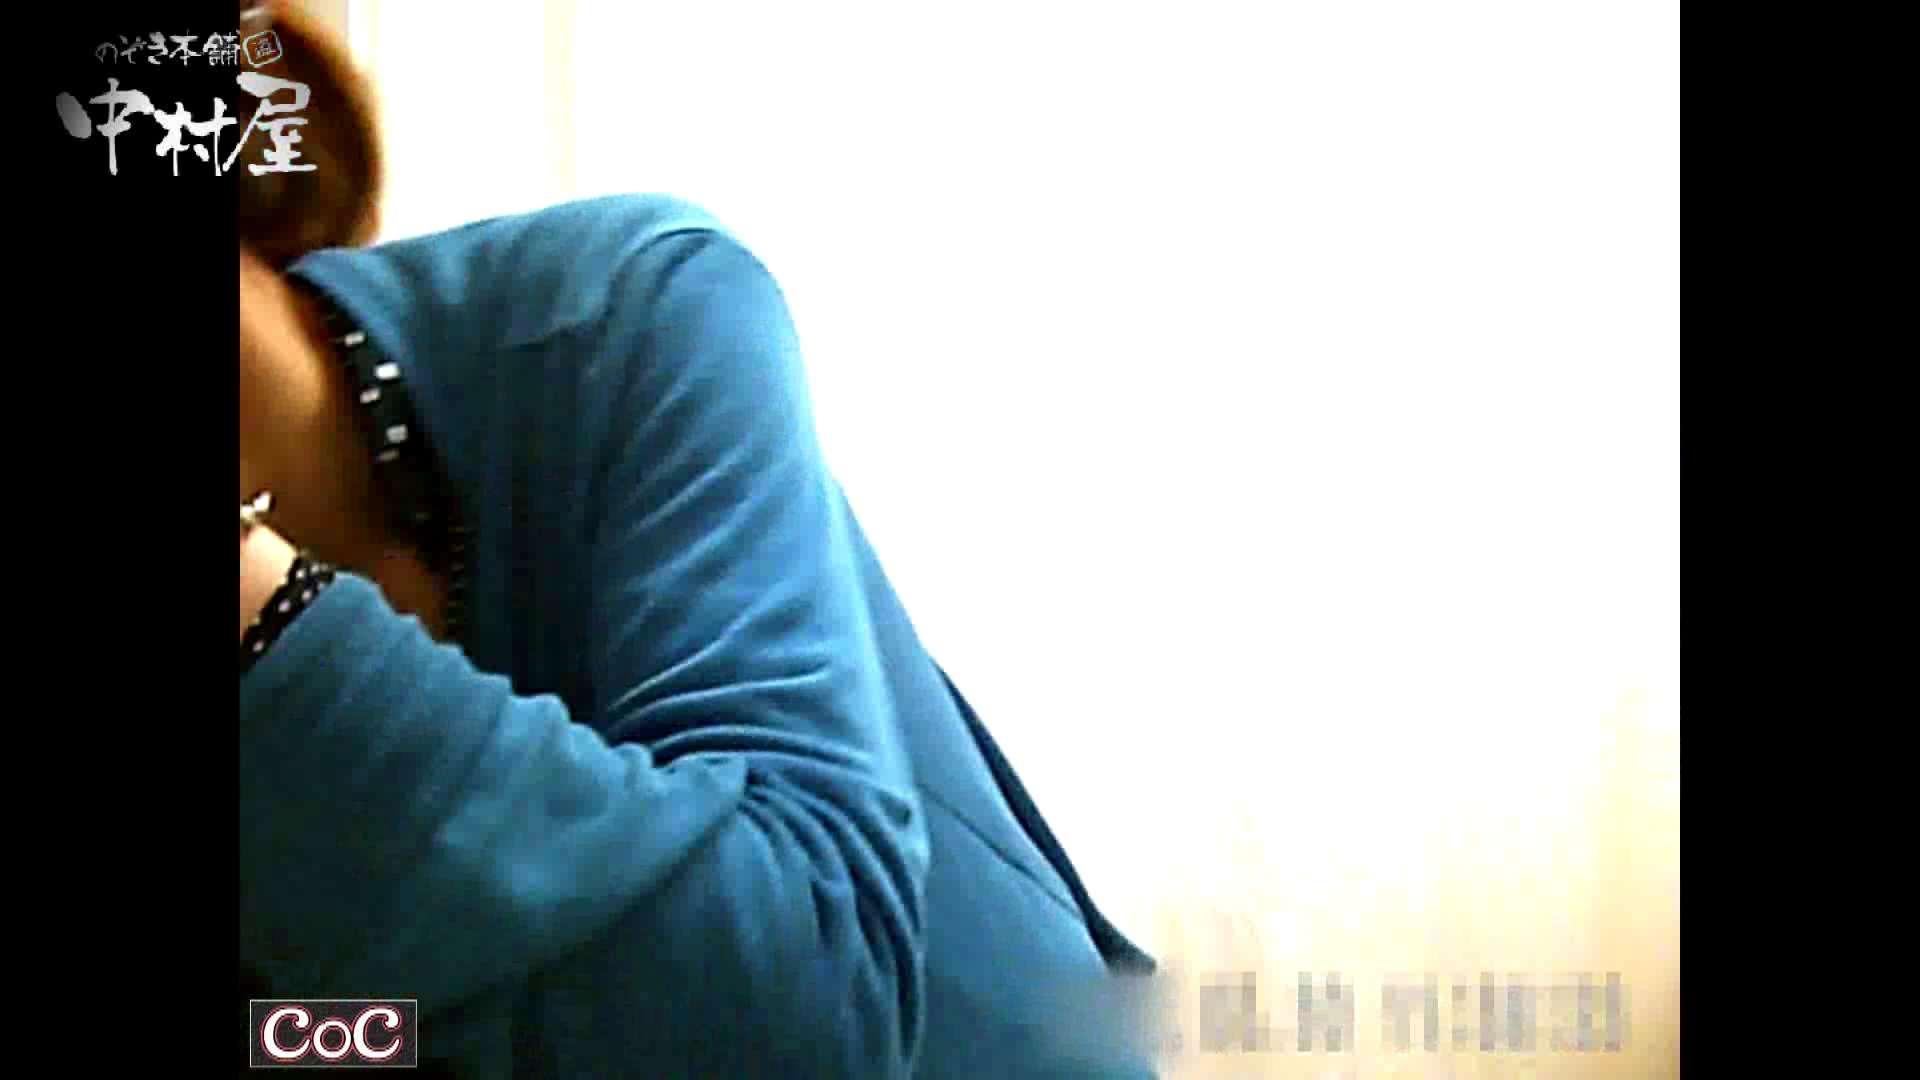 激ヤバ健康診断!着替えの一部始終.vol.01 ※本編ボカシ・目線無し ナース 盗み撮りSEX無修正画像 102画像 77